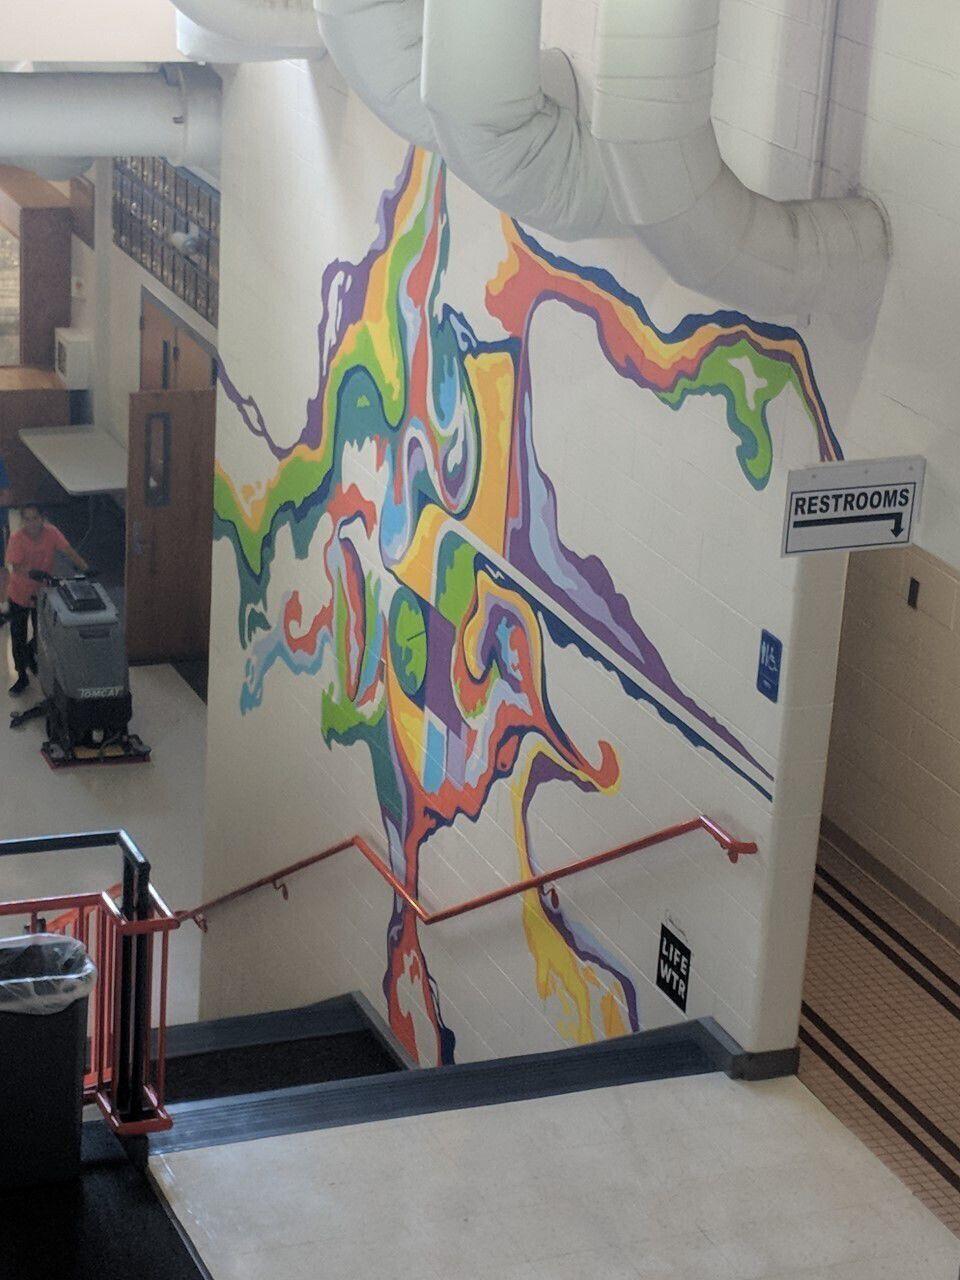 Exchange-School Art